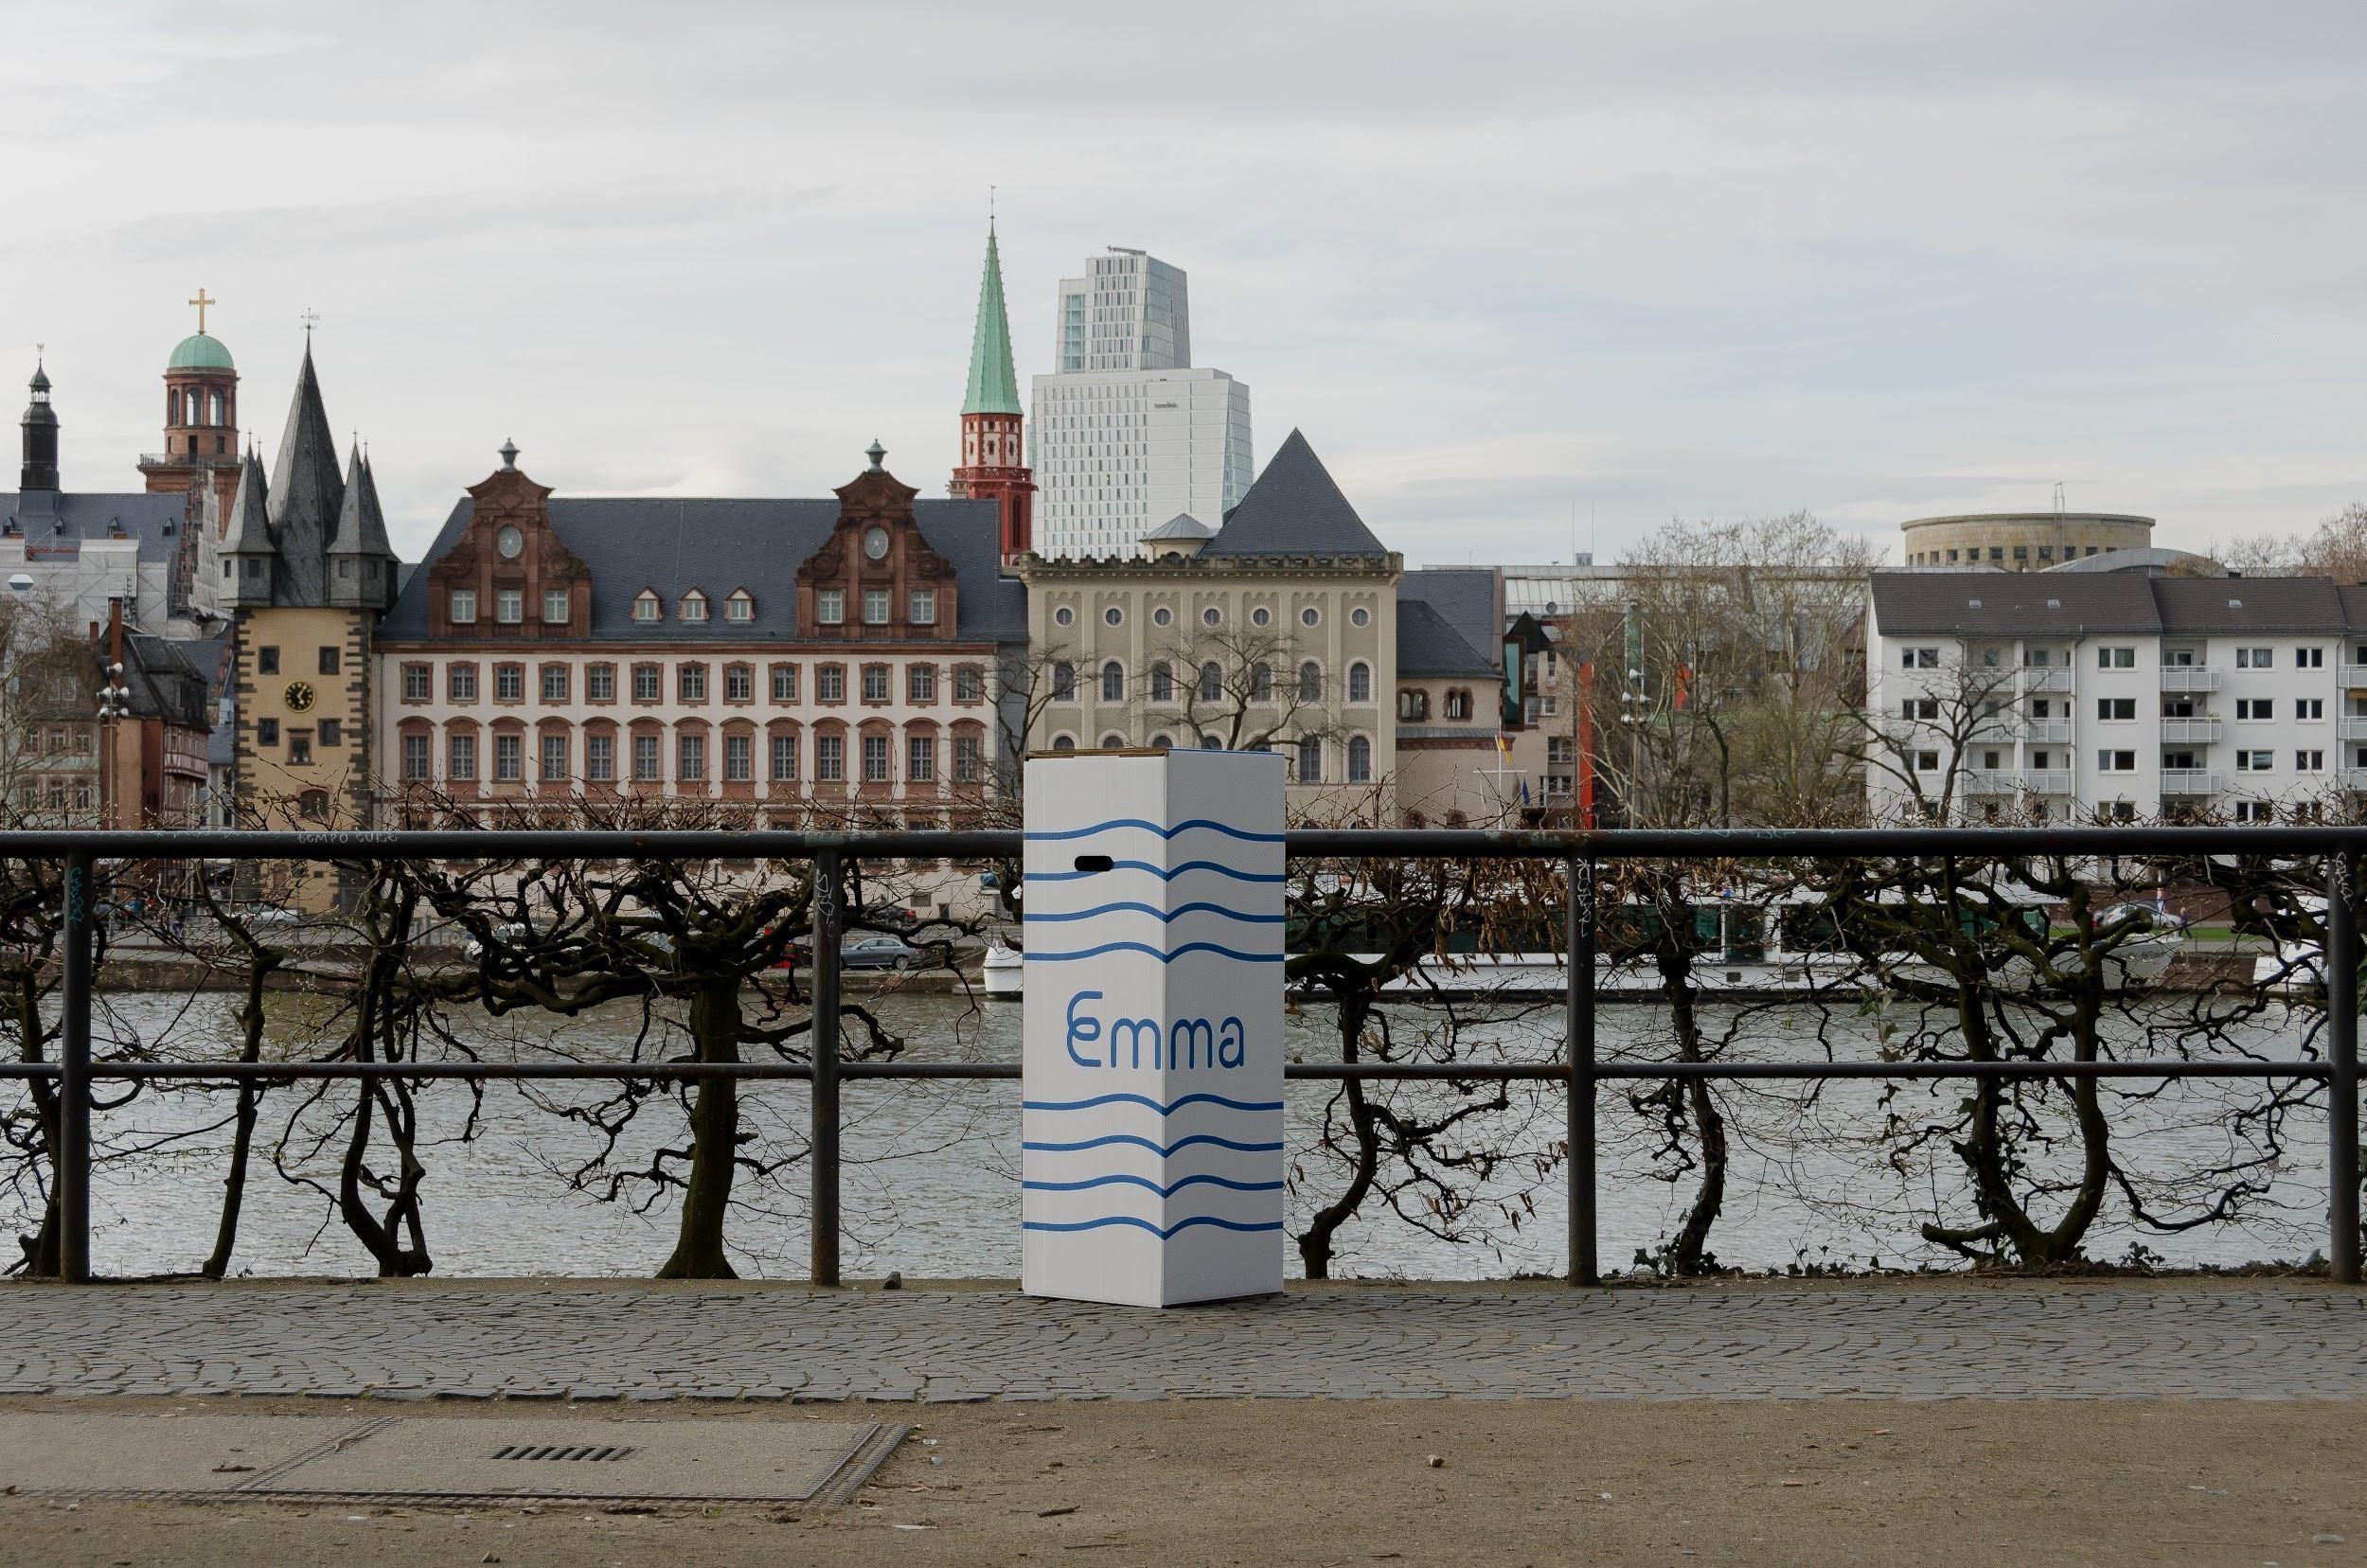 Emma box in Frankfurt